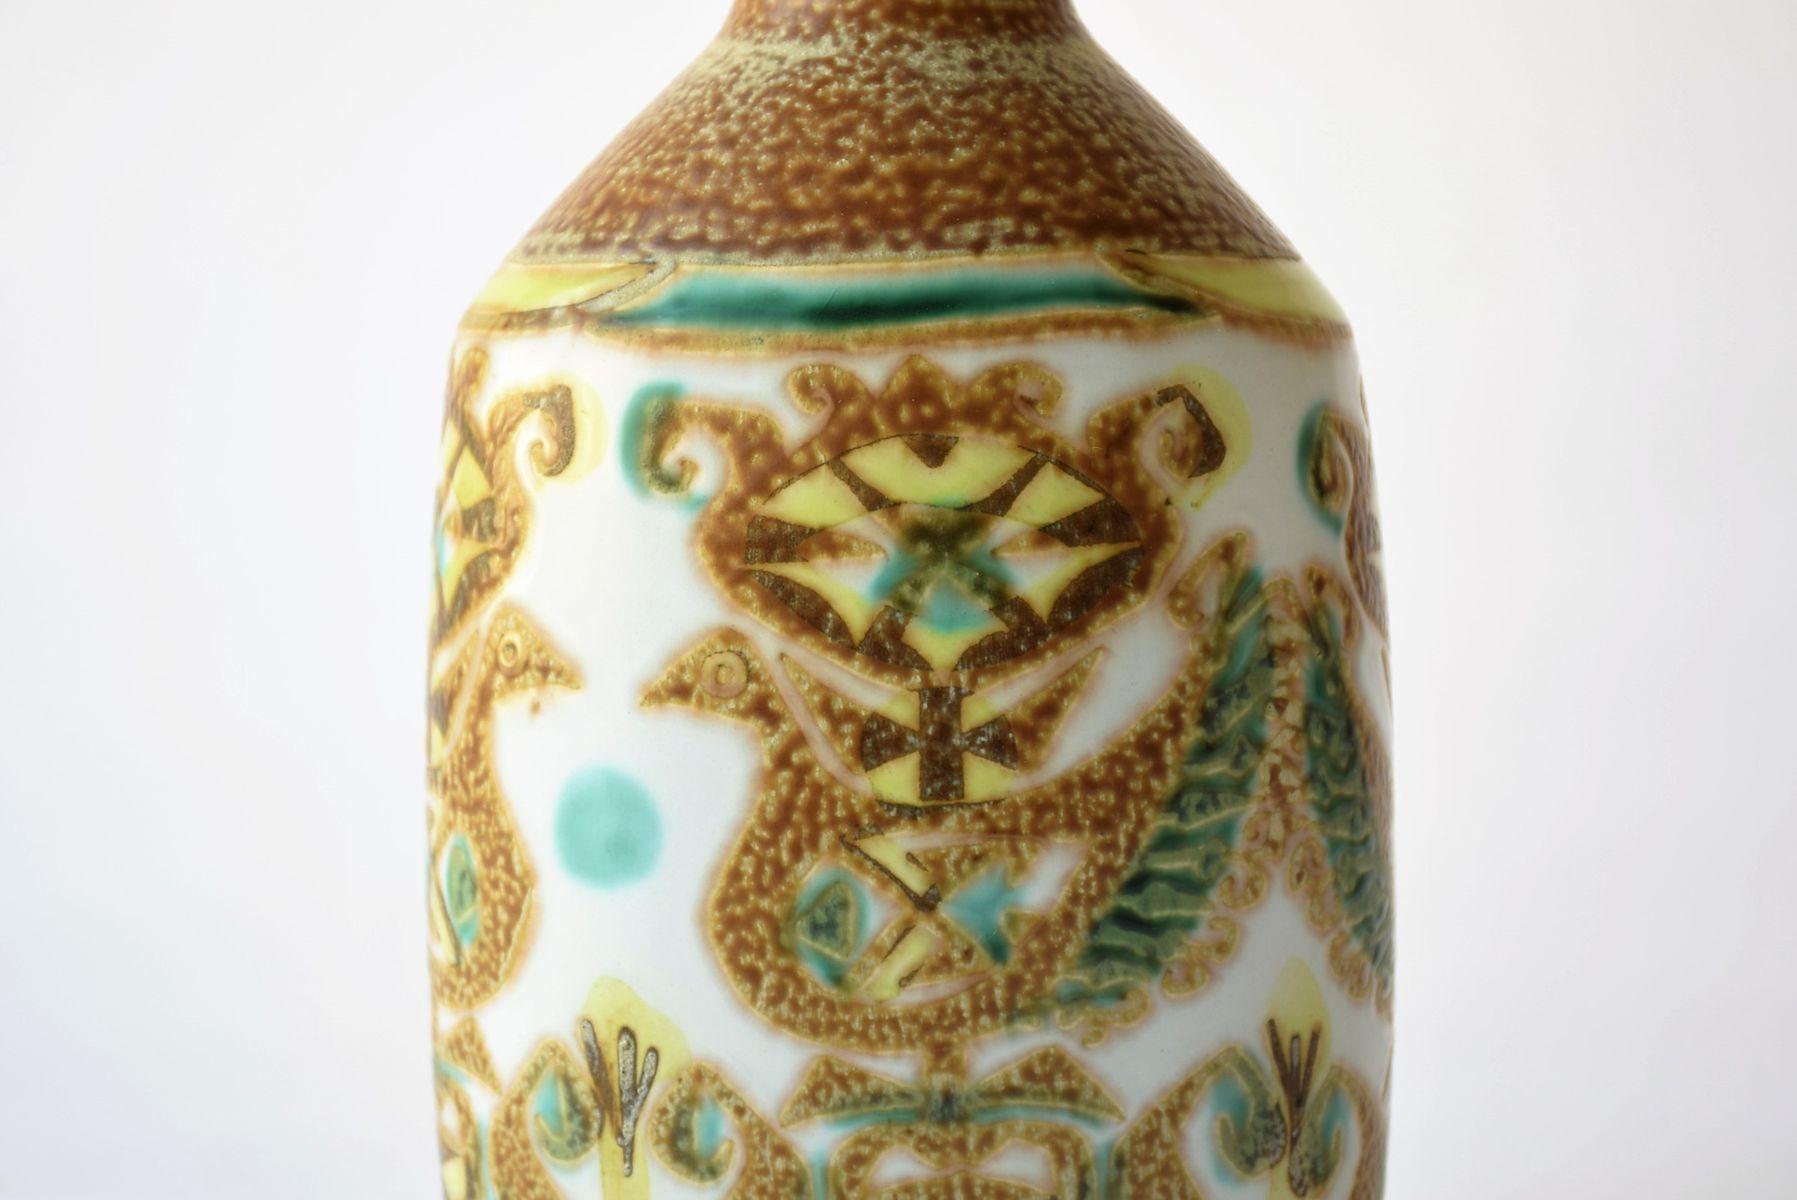 d nische vase mit vogel motiv von nils thorsson f r aluminia royal copenhagen bei pamono kaufen. Black Bedroom Furniture Sets. Home Design Ideas